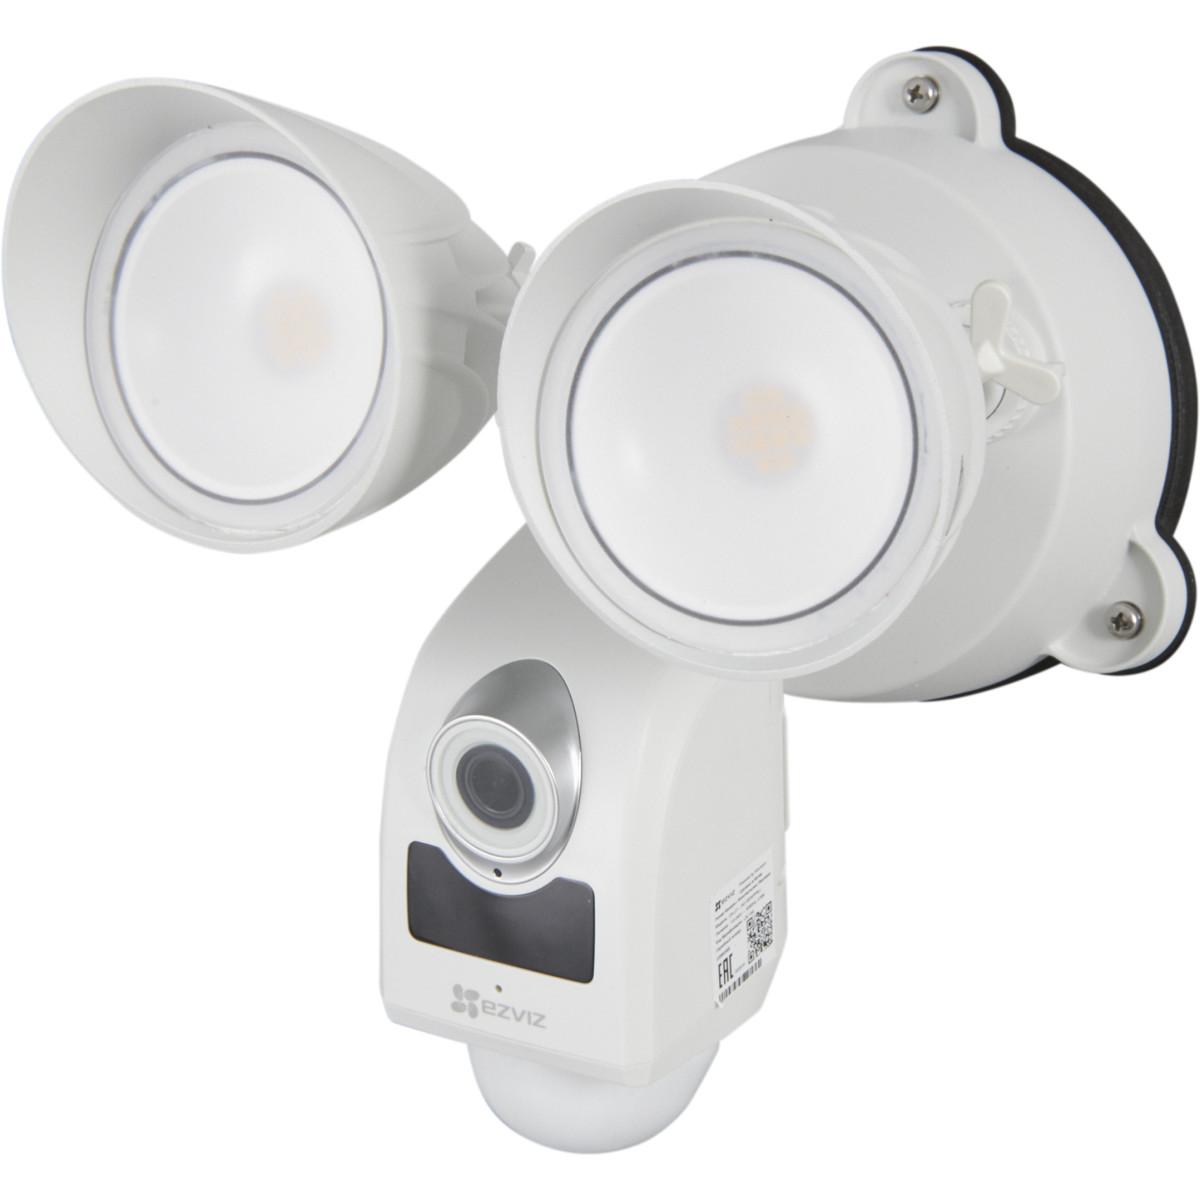 Компект для видеонаблюдения Ezviz LC1 2 Мп